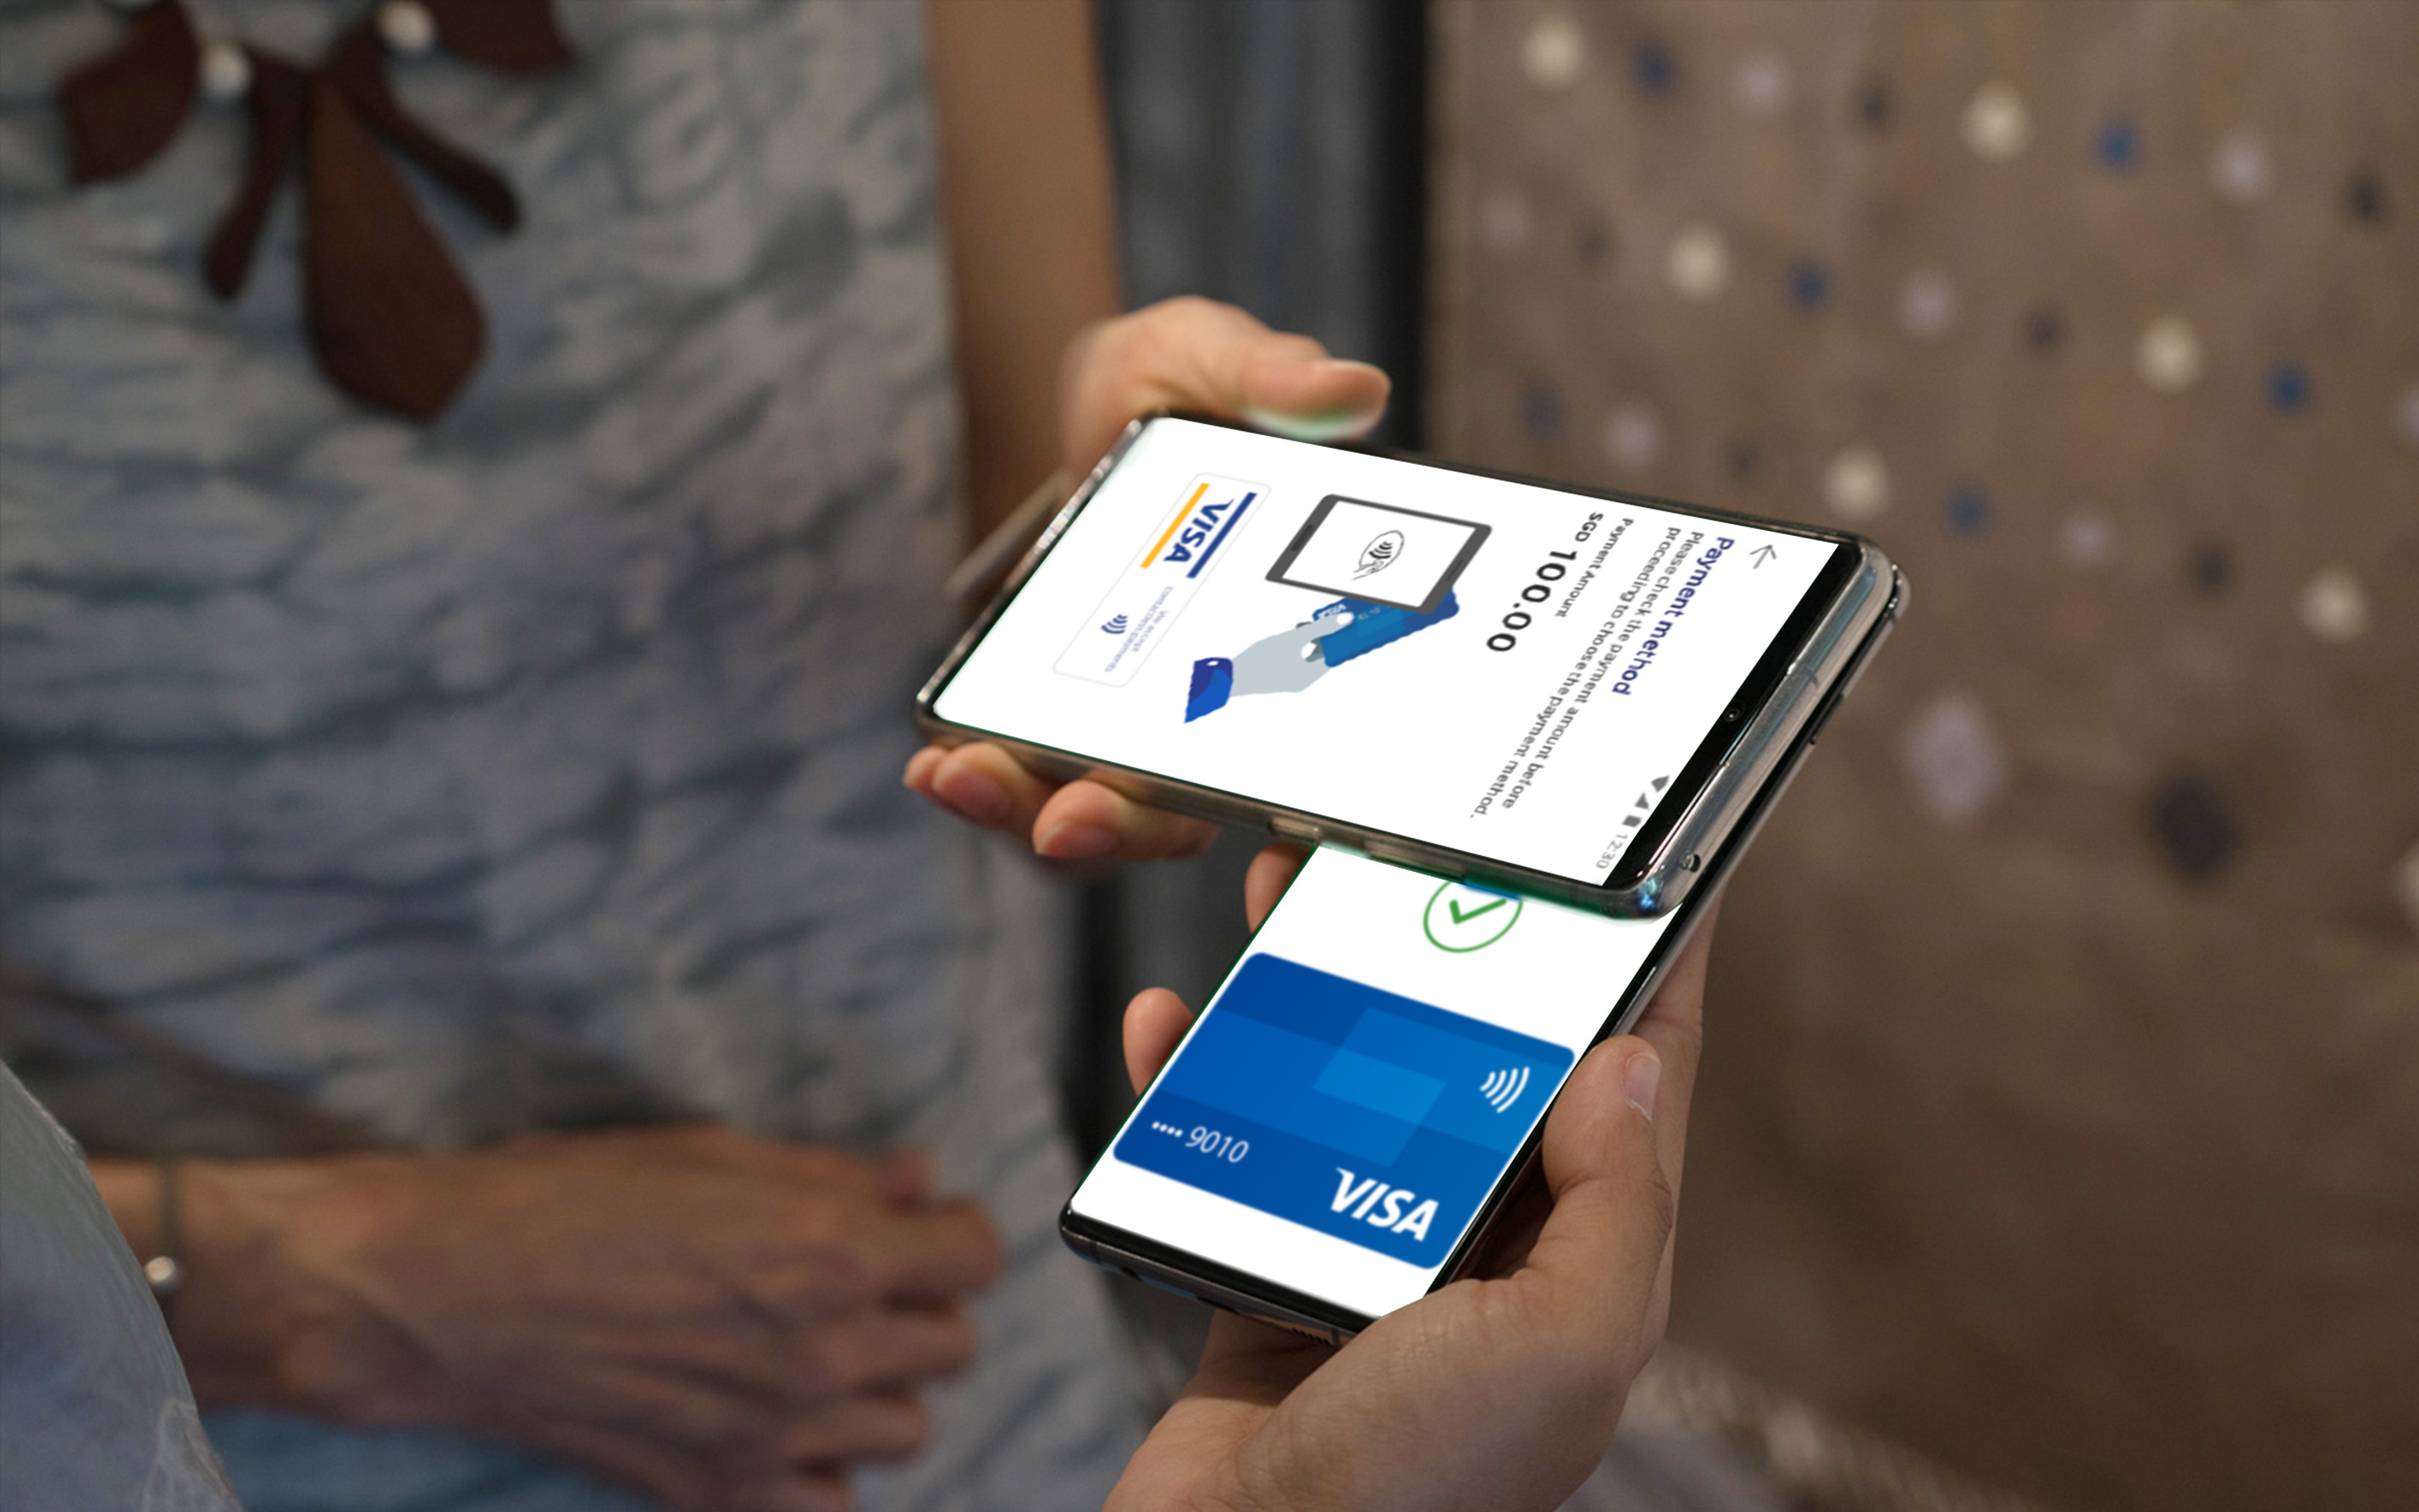 Thanh toán bằng điện thoại thông minh ngày càng phát triển mạnh ở Châu Á – Thái Bình Dương